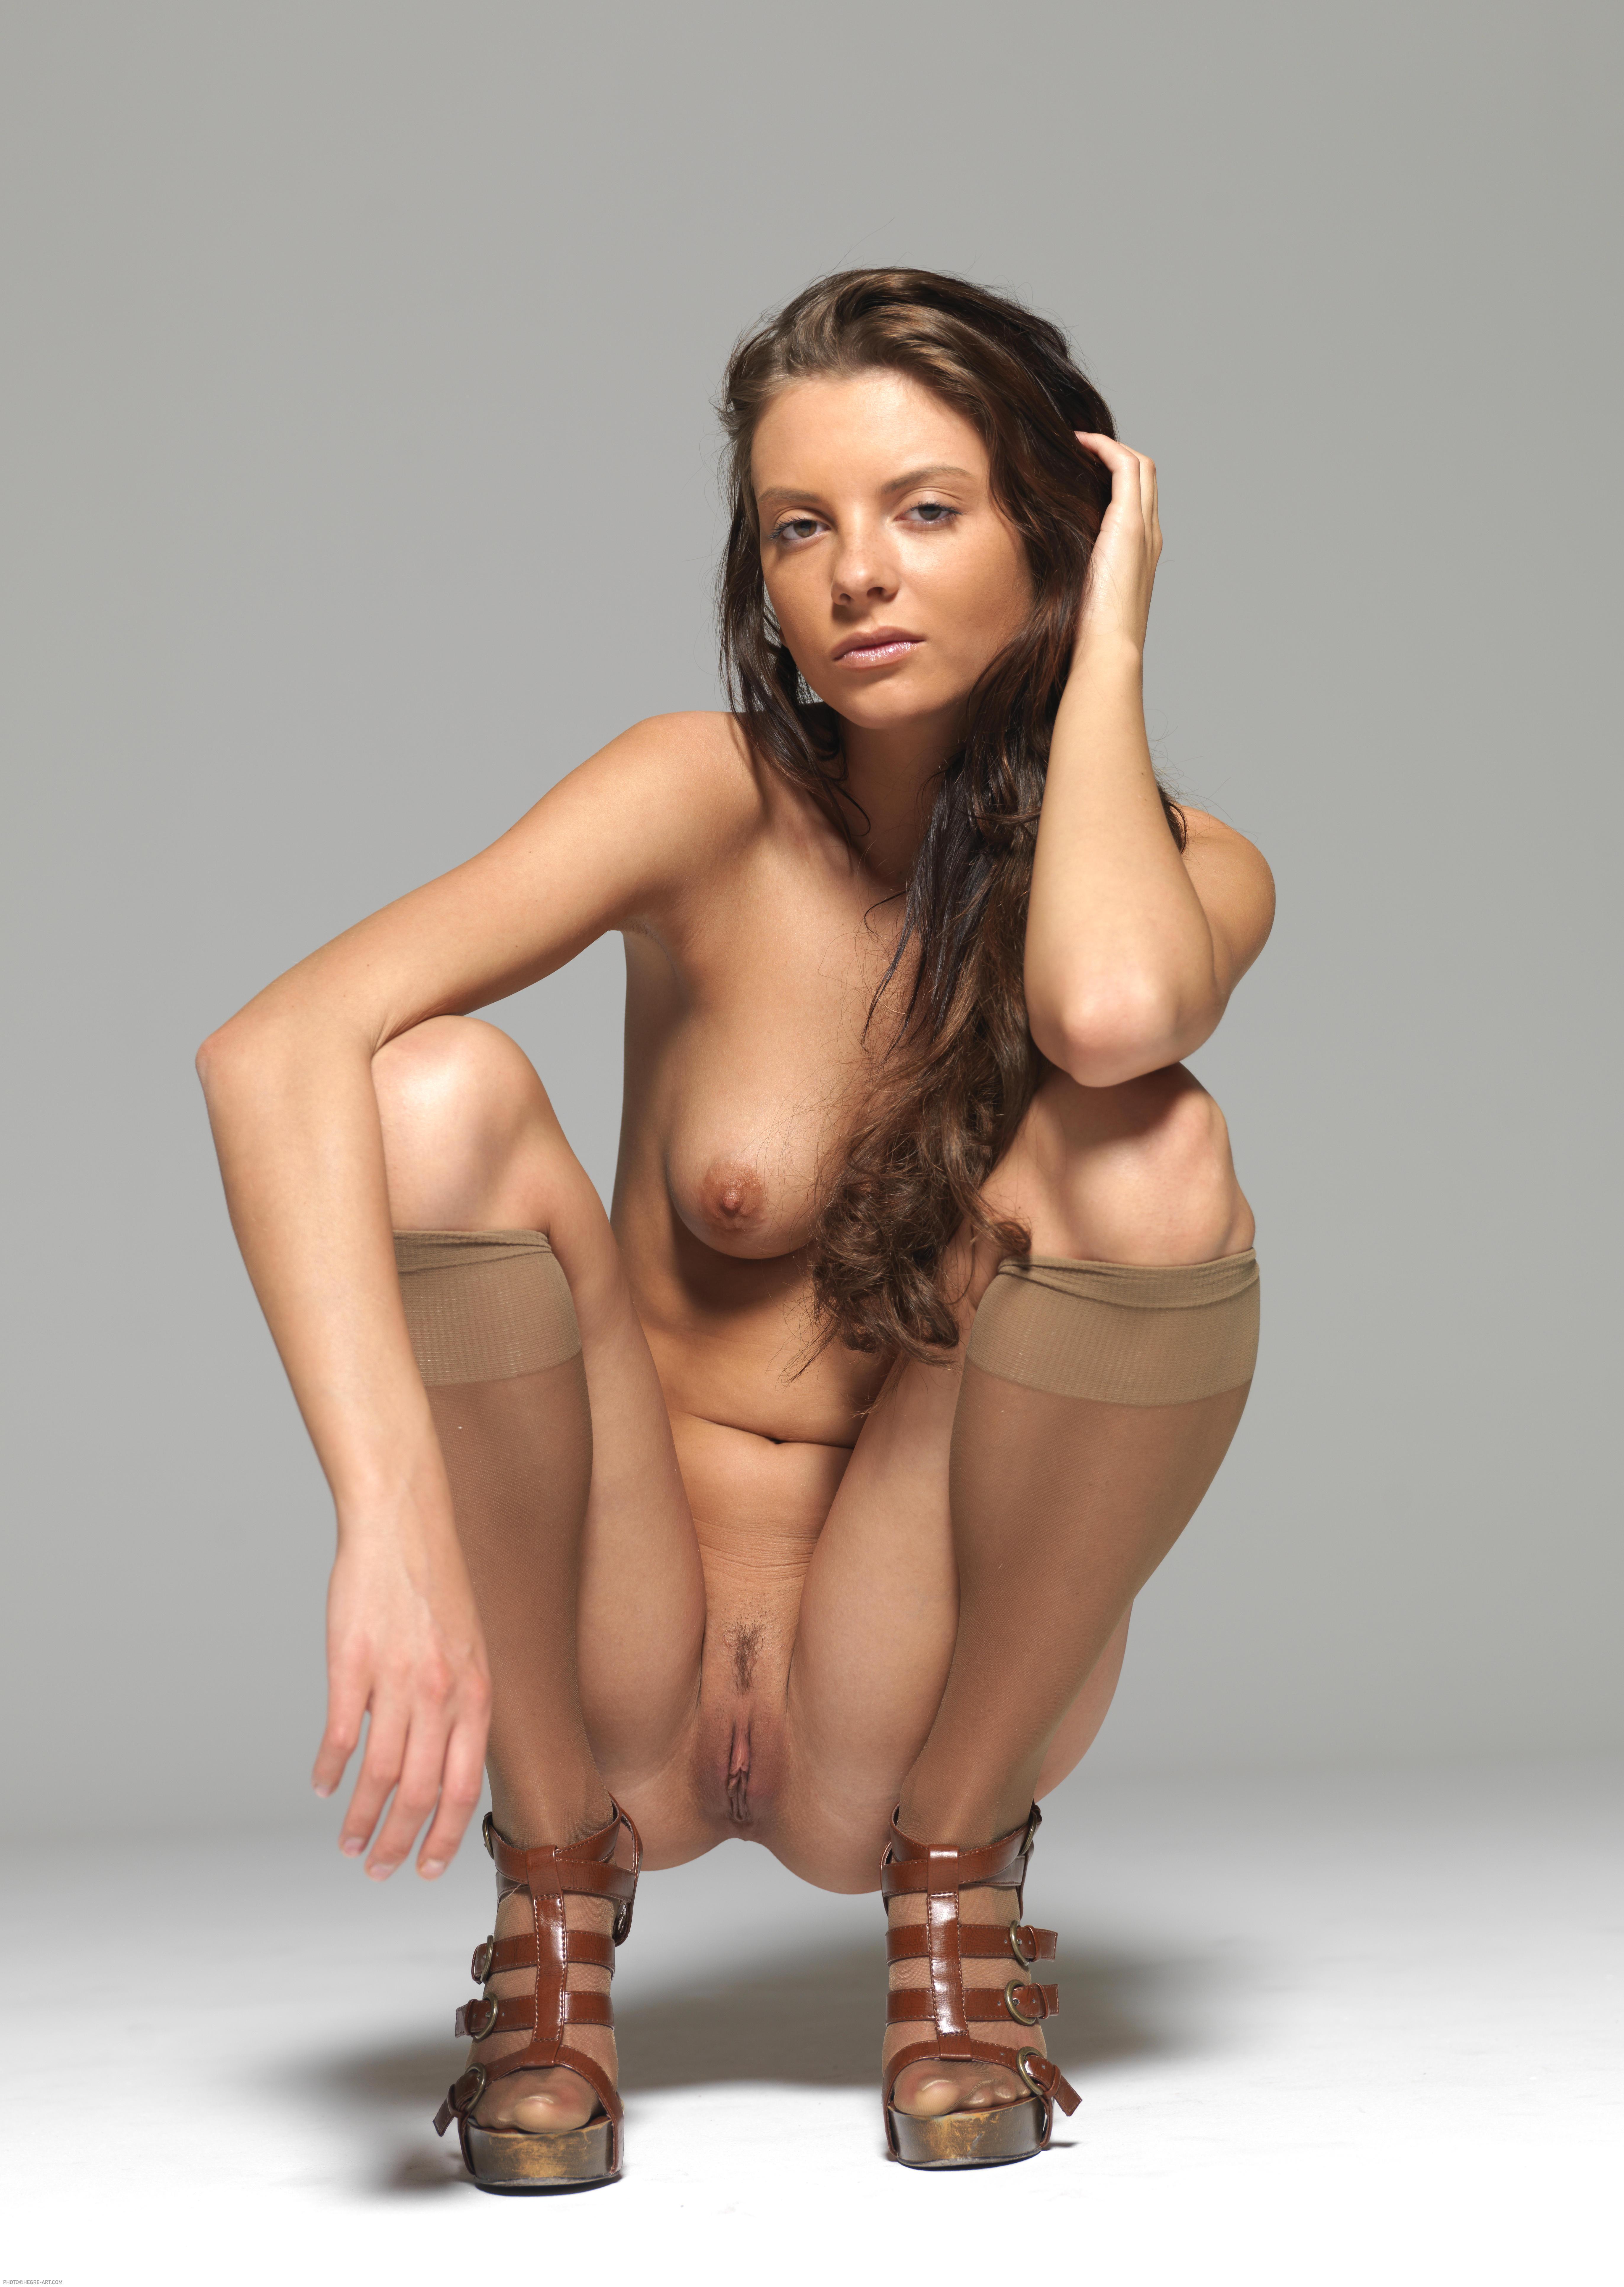 Jenny mccarthy naked ass